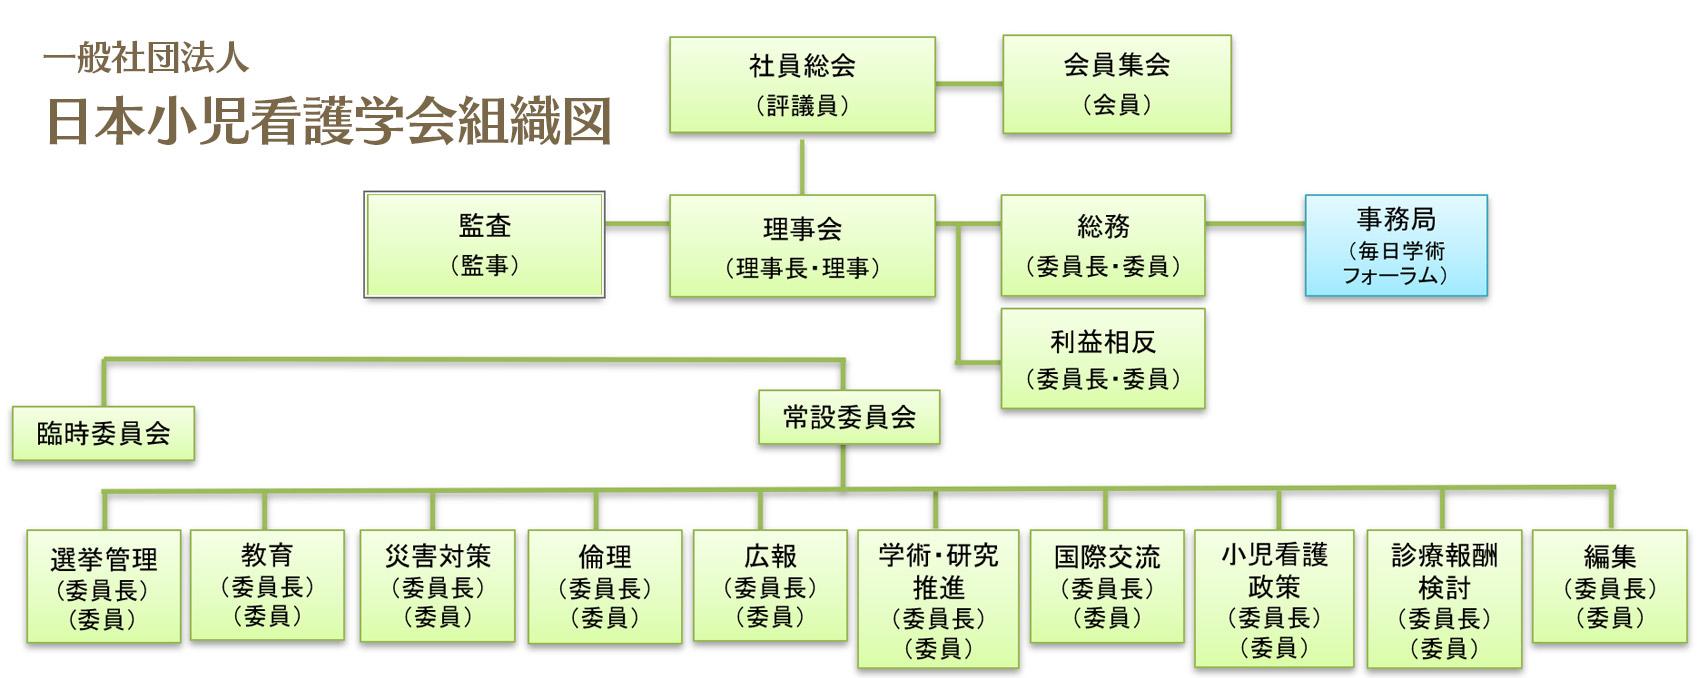 一般社団法人 日本小児看護学会組織図